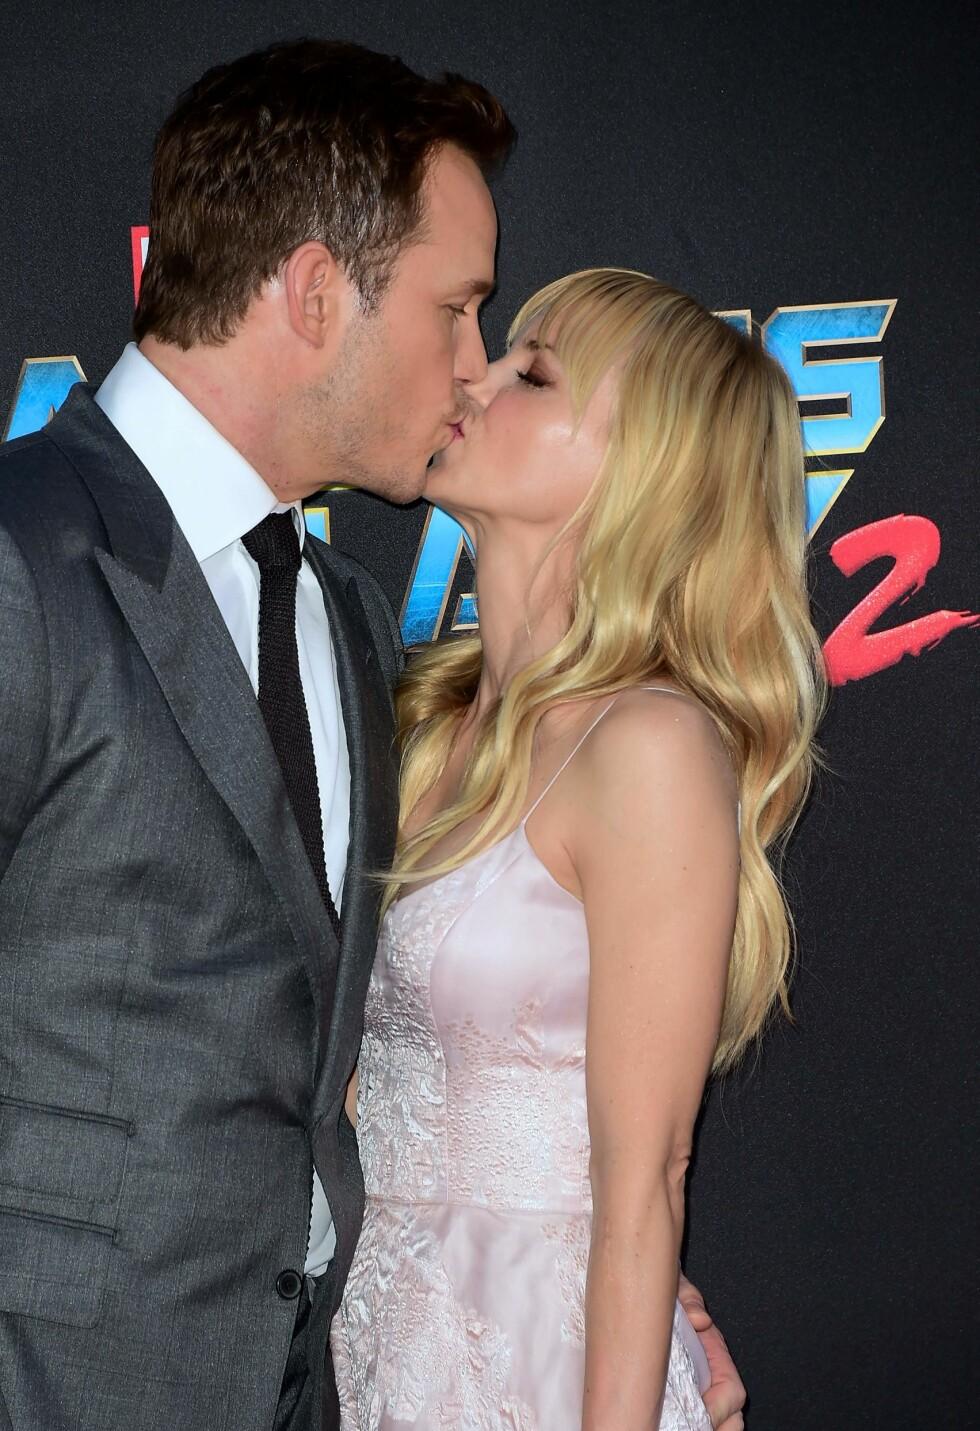 Anna Faris og Chris Pratt så ut til å være lykkelig gift, men bestemte seg for å gå hvert til sitt i august. Foto: NTB Scanpix